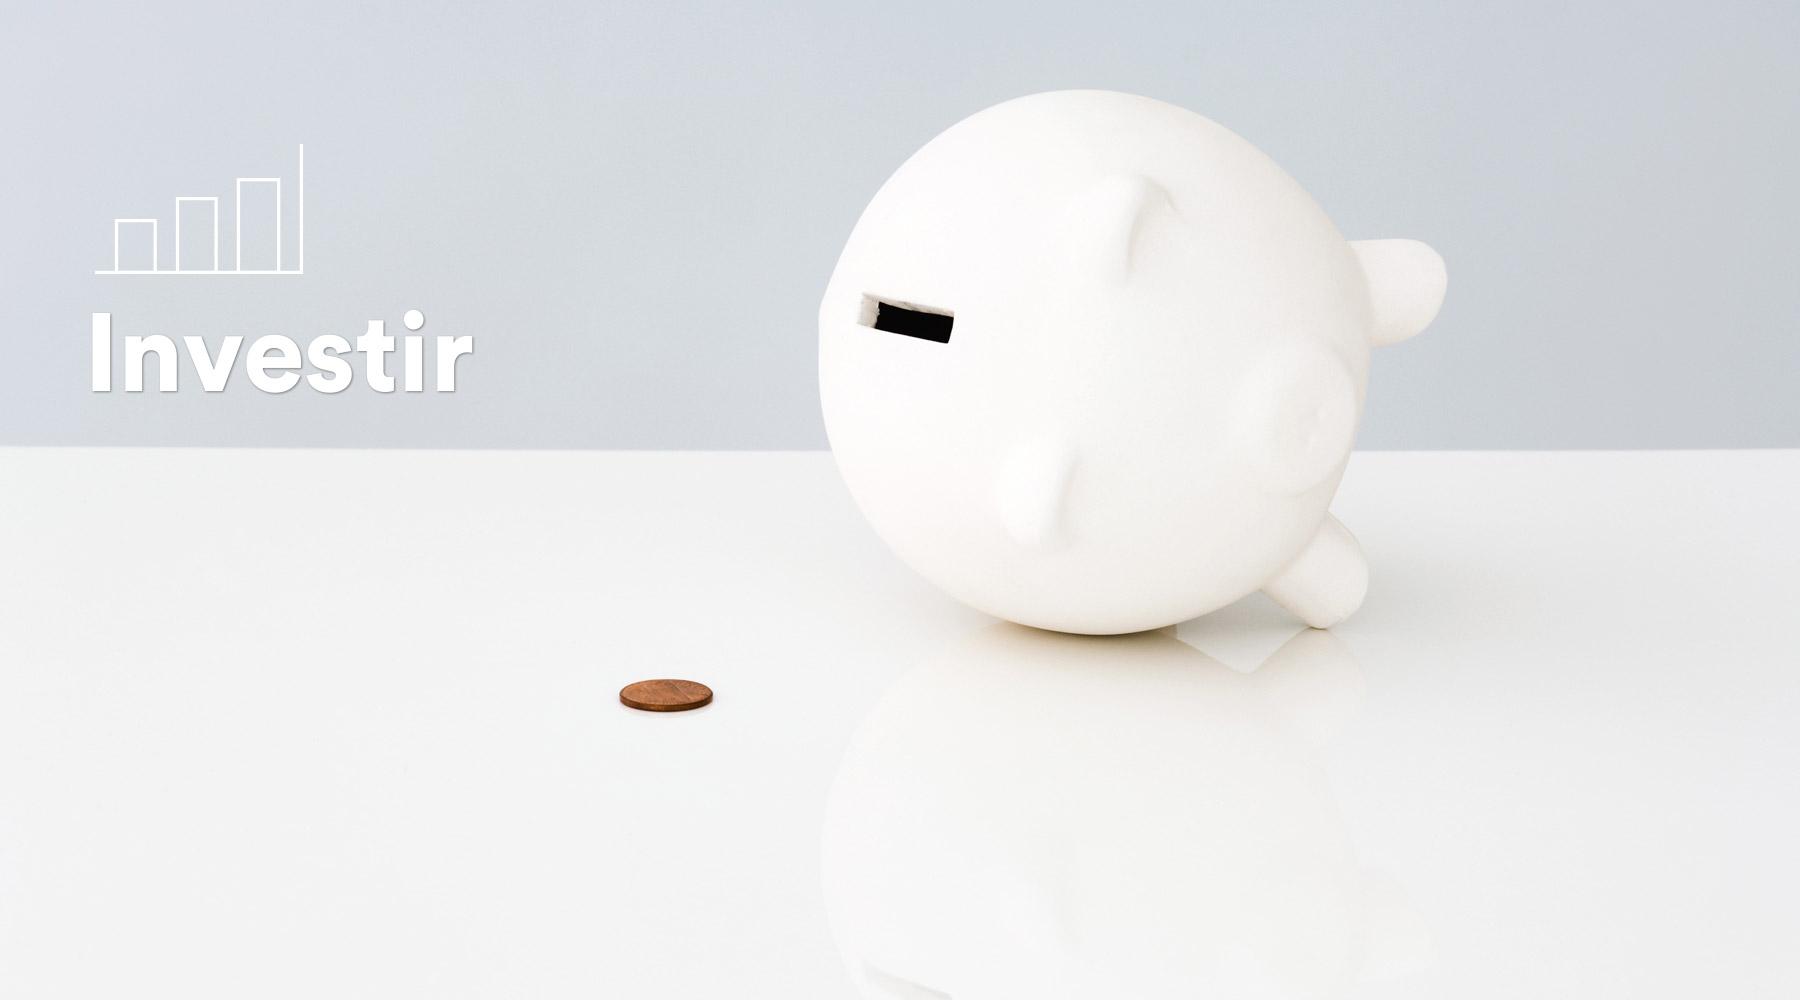 Comment faire durer votre argent plus longtemps la - Comment faire pour durer plus longtemps au lit ...